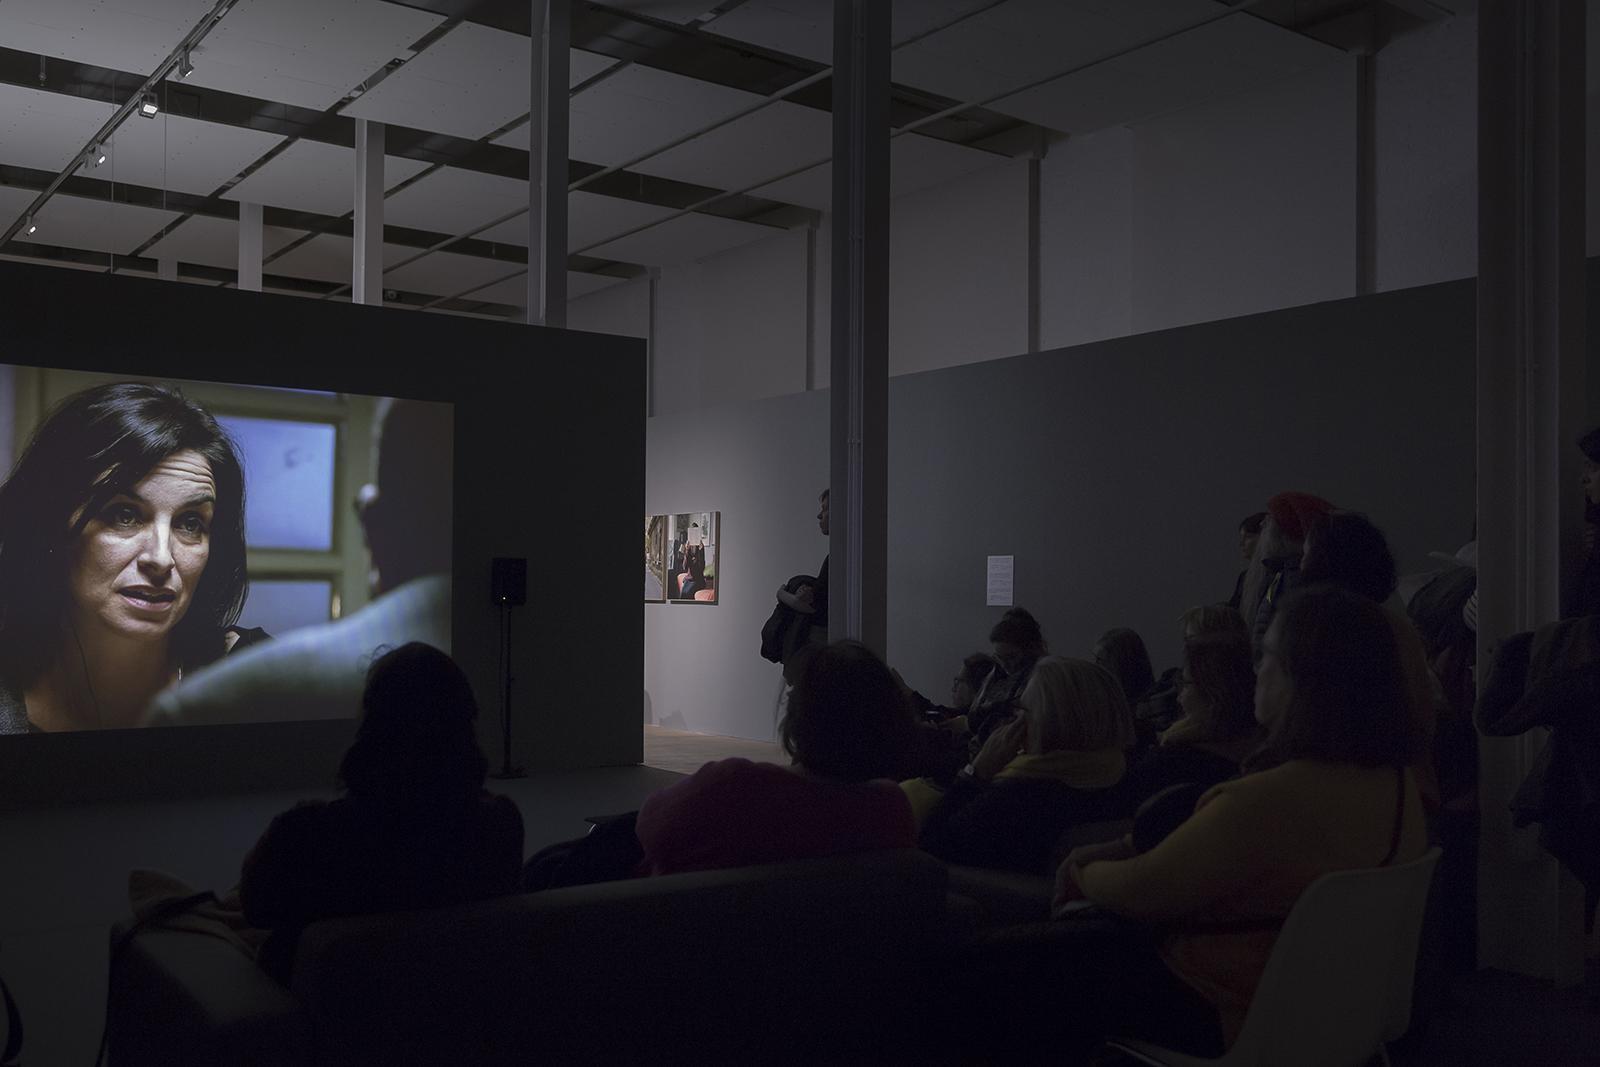 Projecte sobre l'amor a Sèrbia de Mireia Sallarès. Fabra i Coats. Centre d'Art Contemporani. Fotografia de Eva Carasol              | Mireia Sallarès